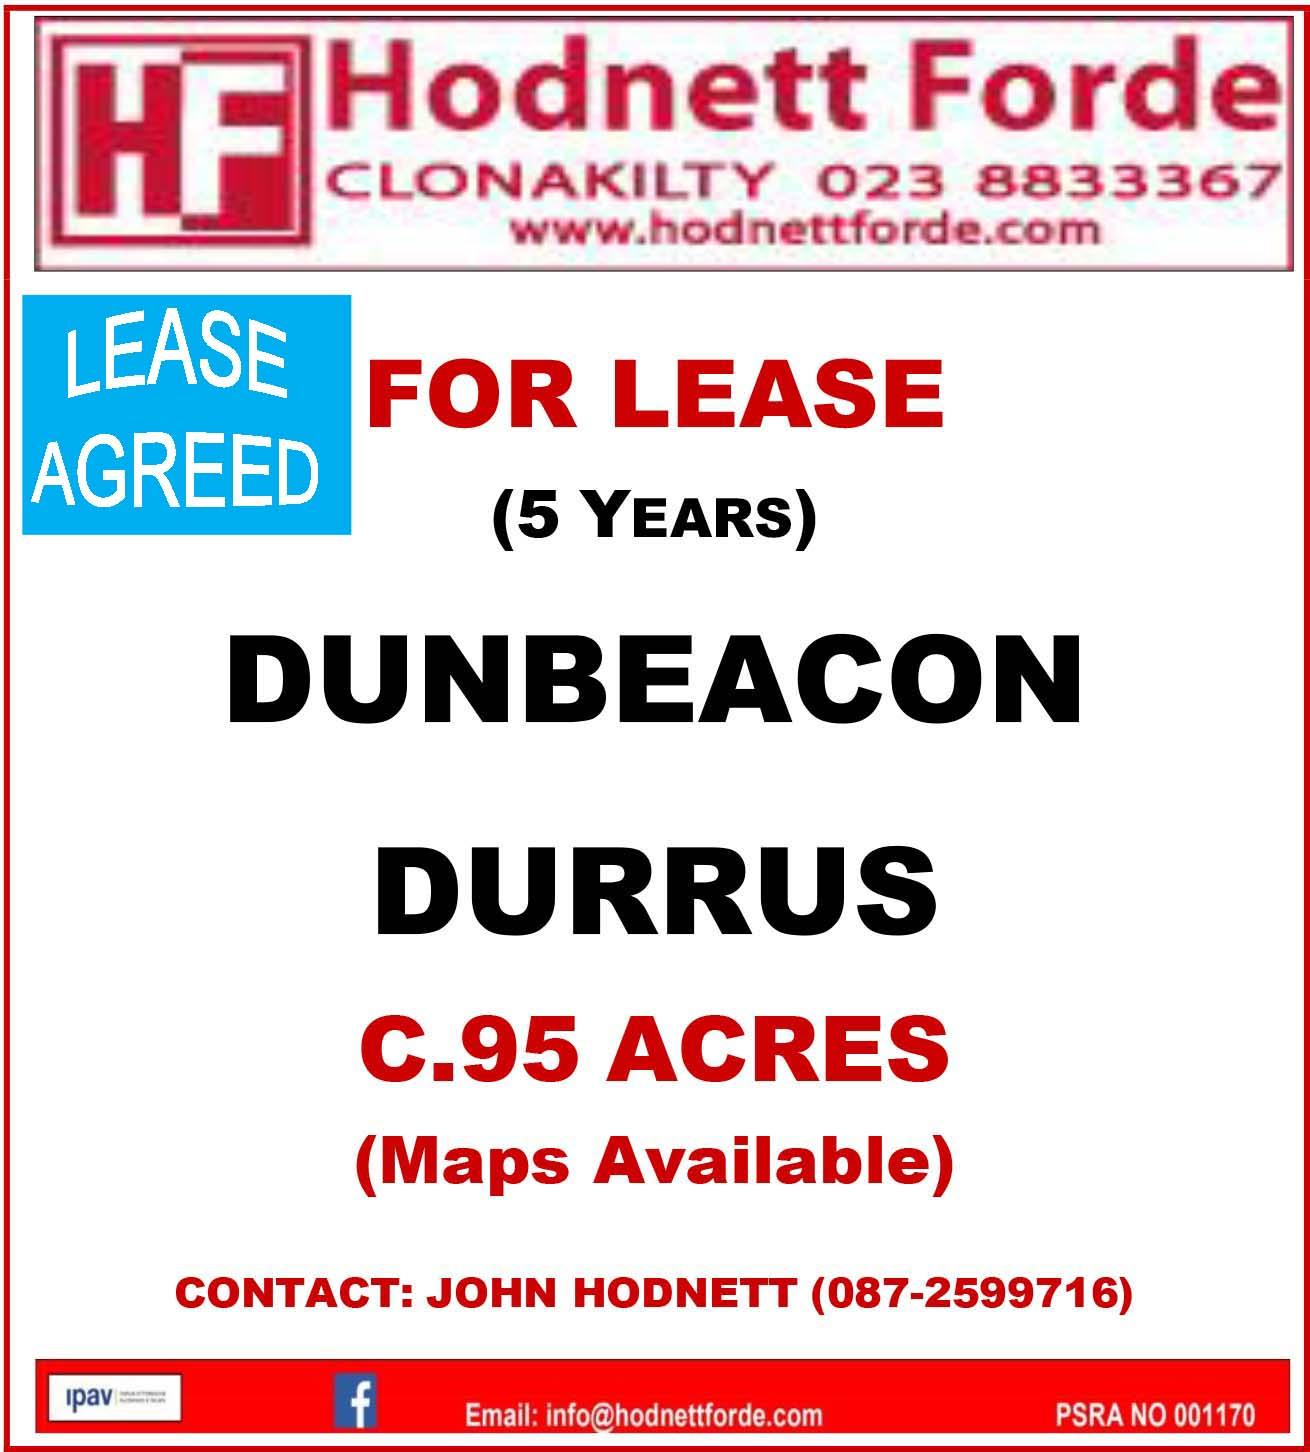 1. Dunbeacon, Durrus